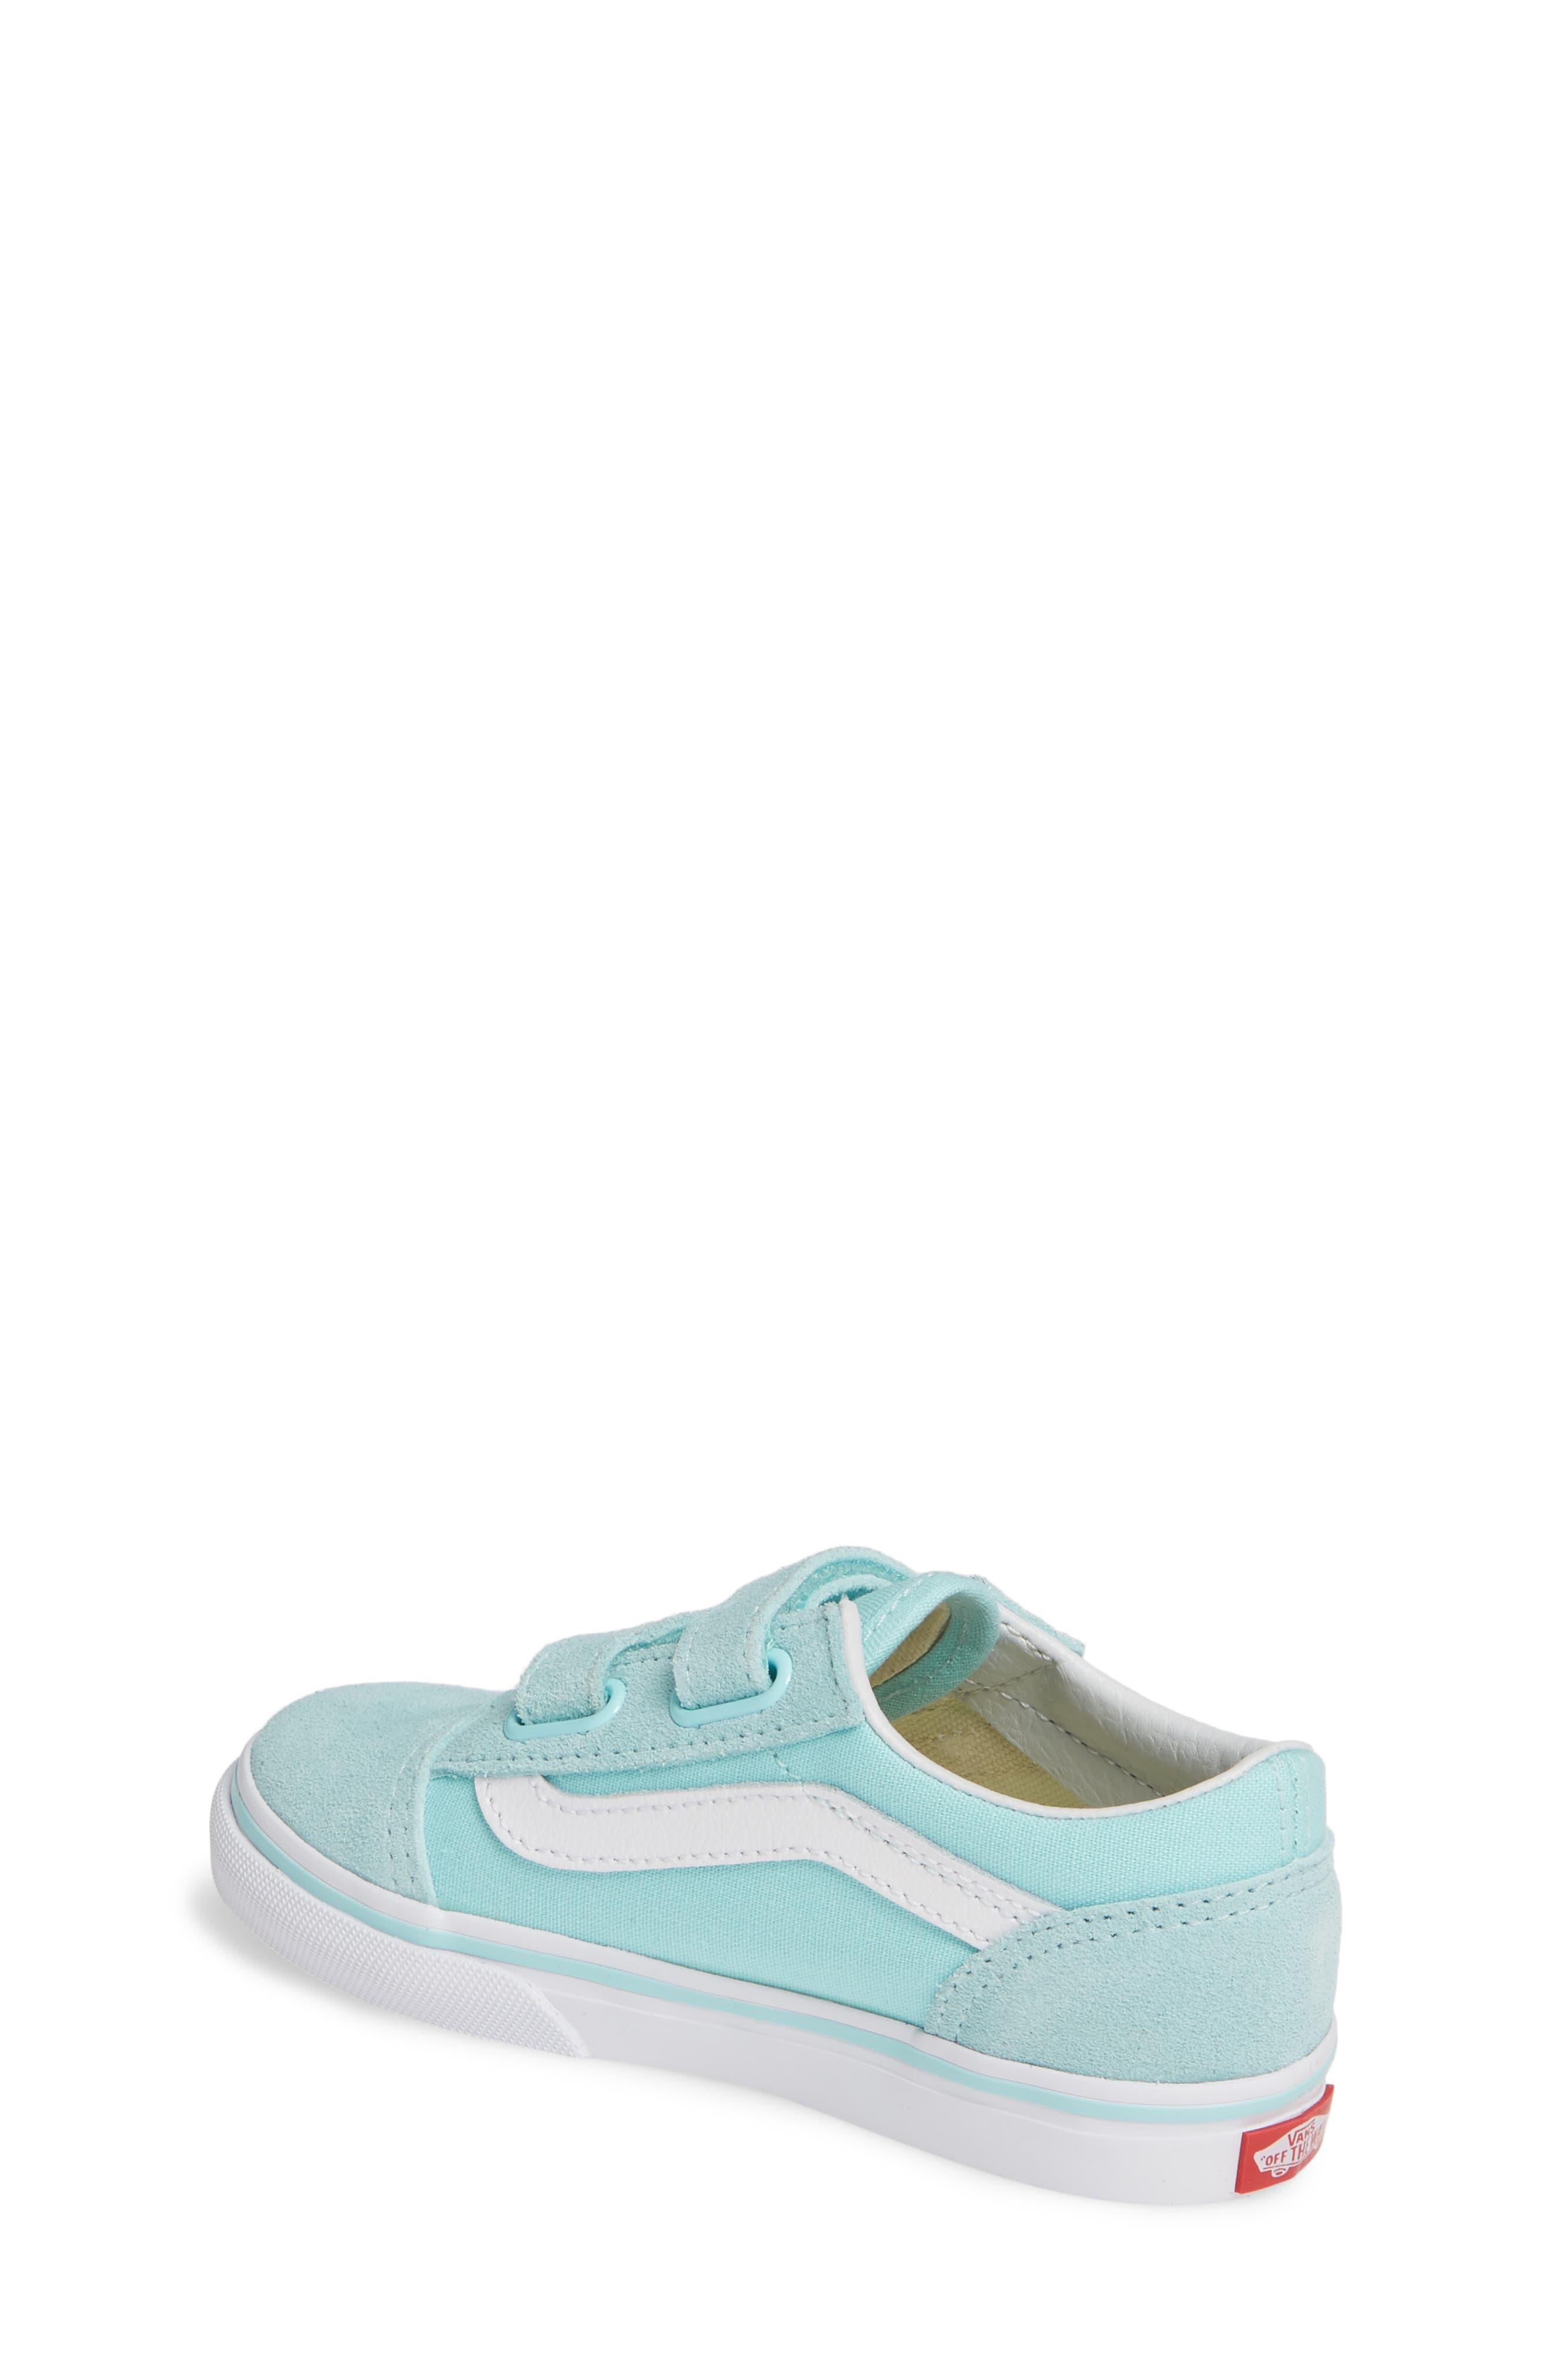 VANS, 'Old Skool V' Sneaker, Alternate thumbnail 2, color, BLUE TINT/ TRUE WHITE